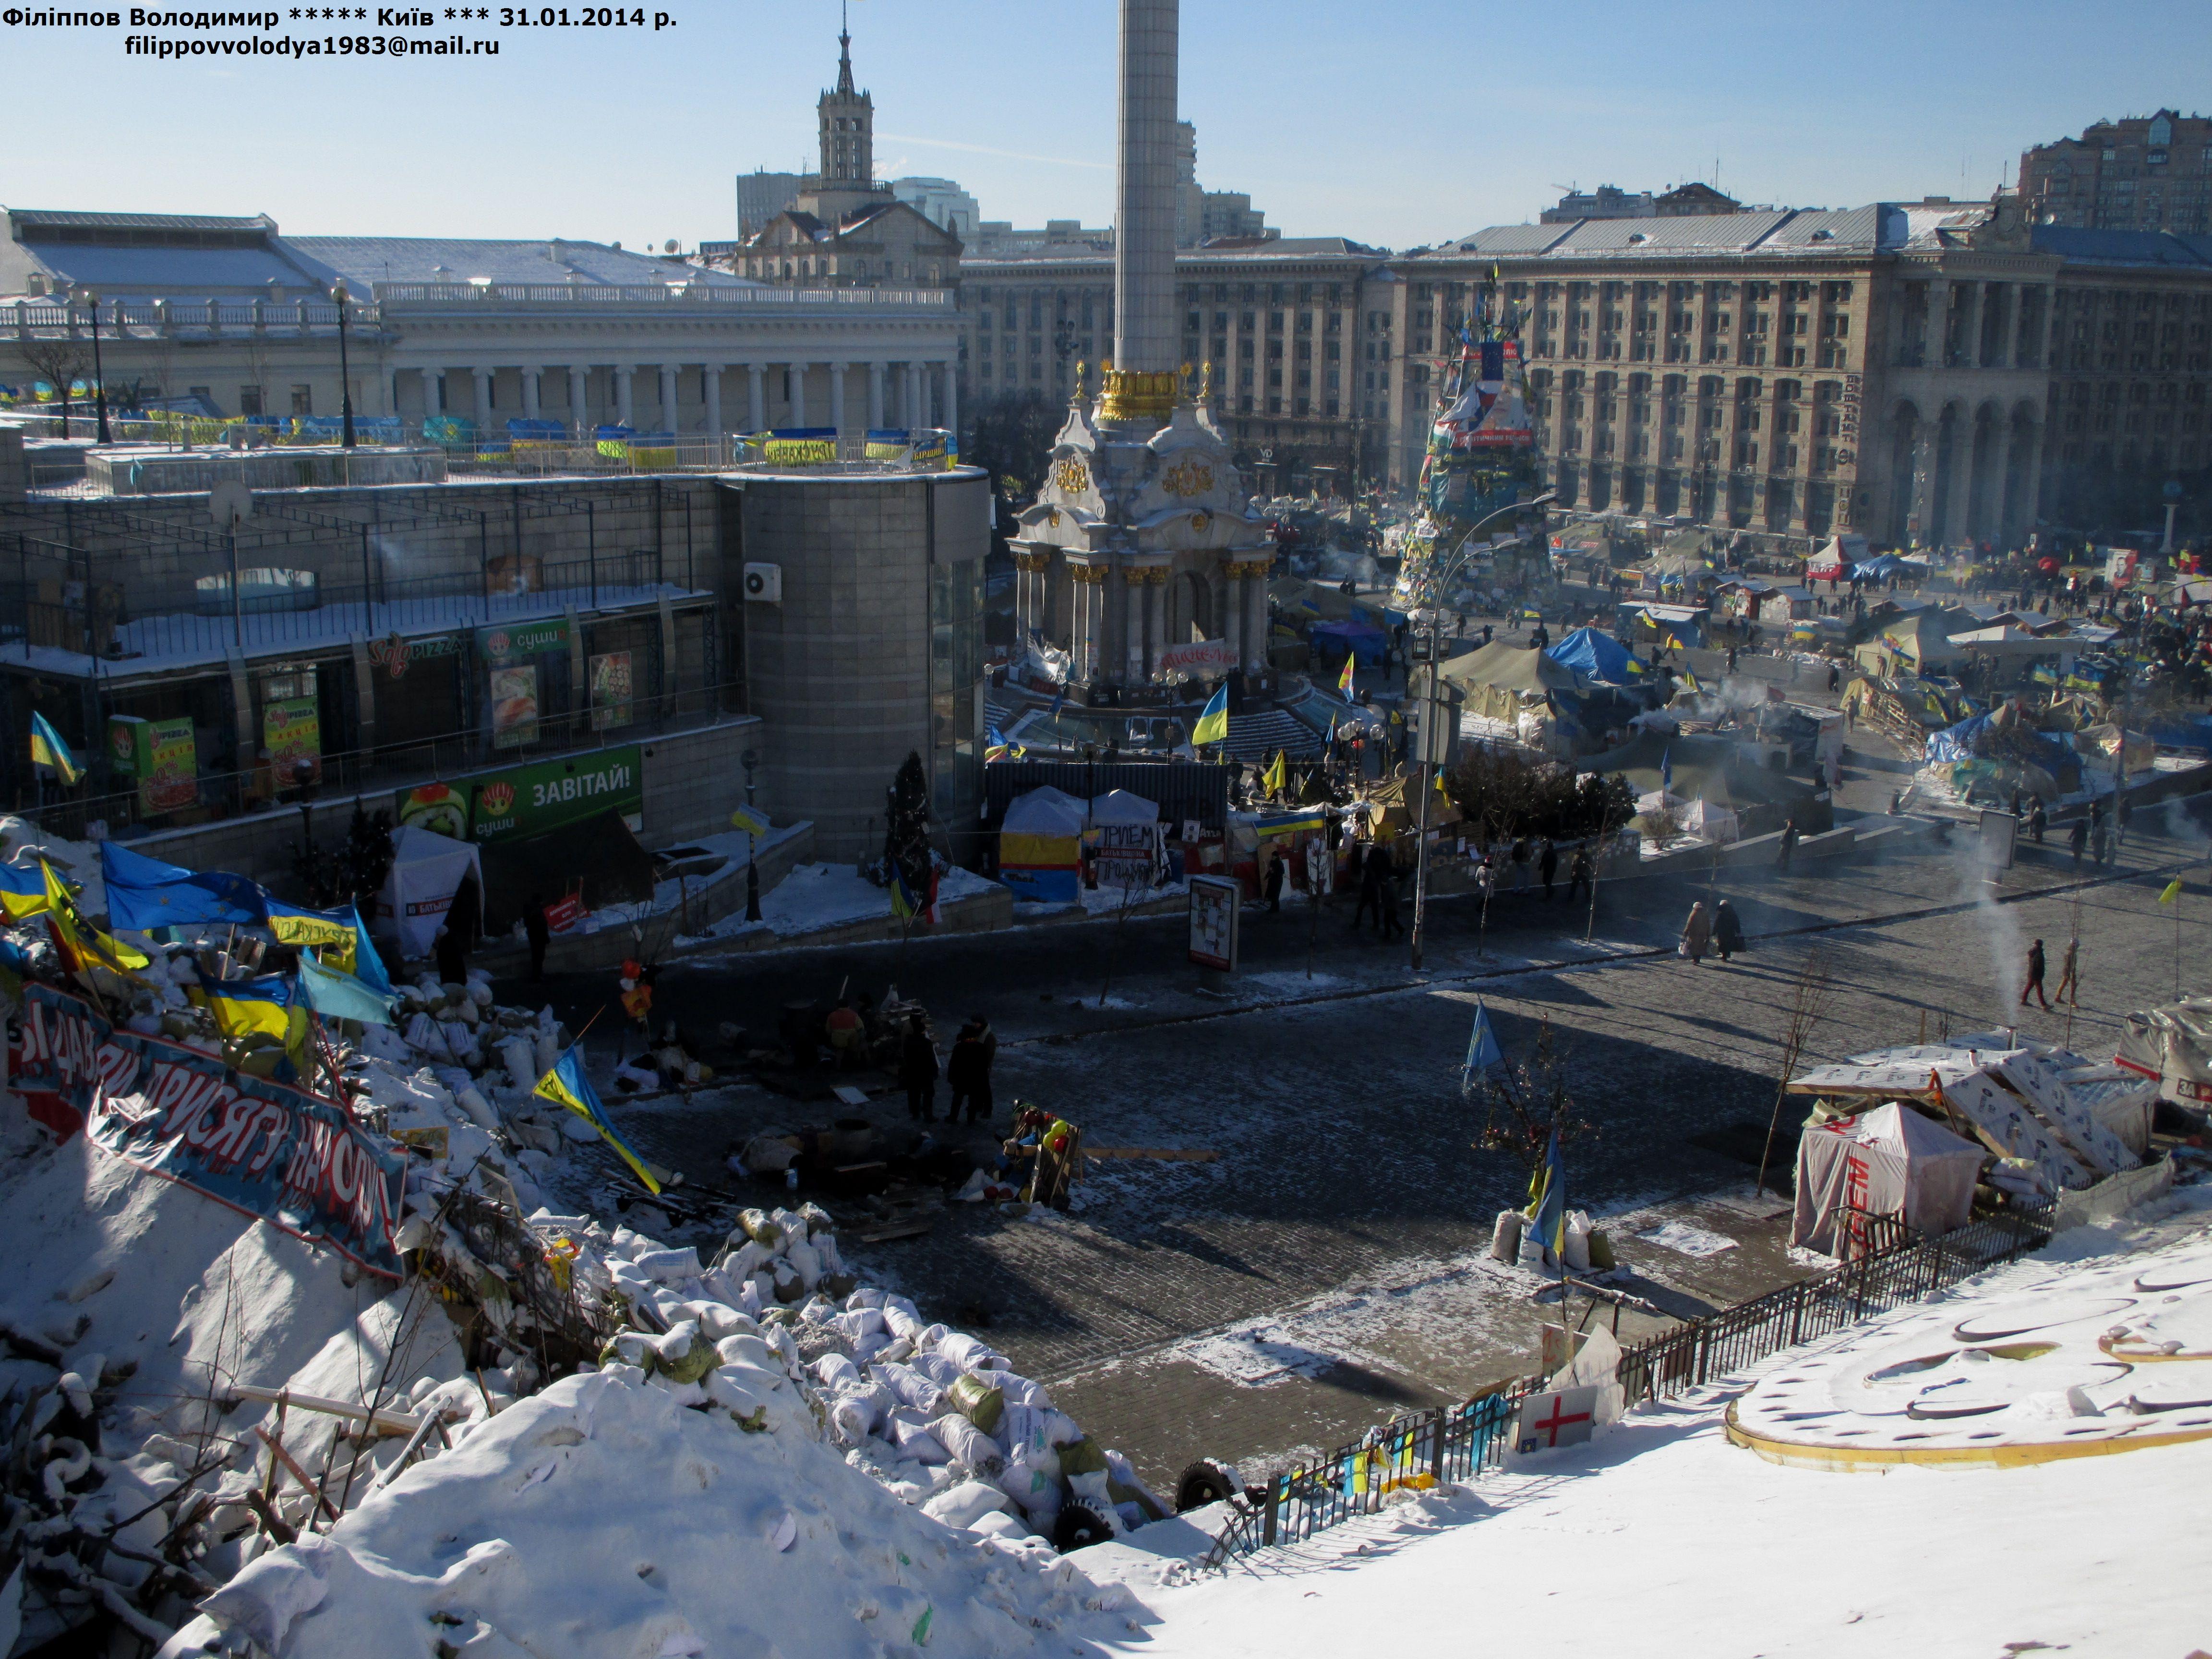 Готель украина картинки на майдане